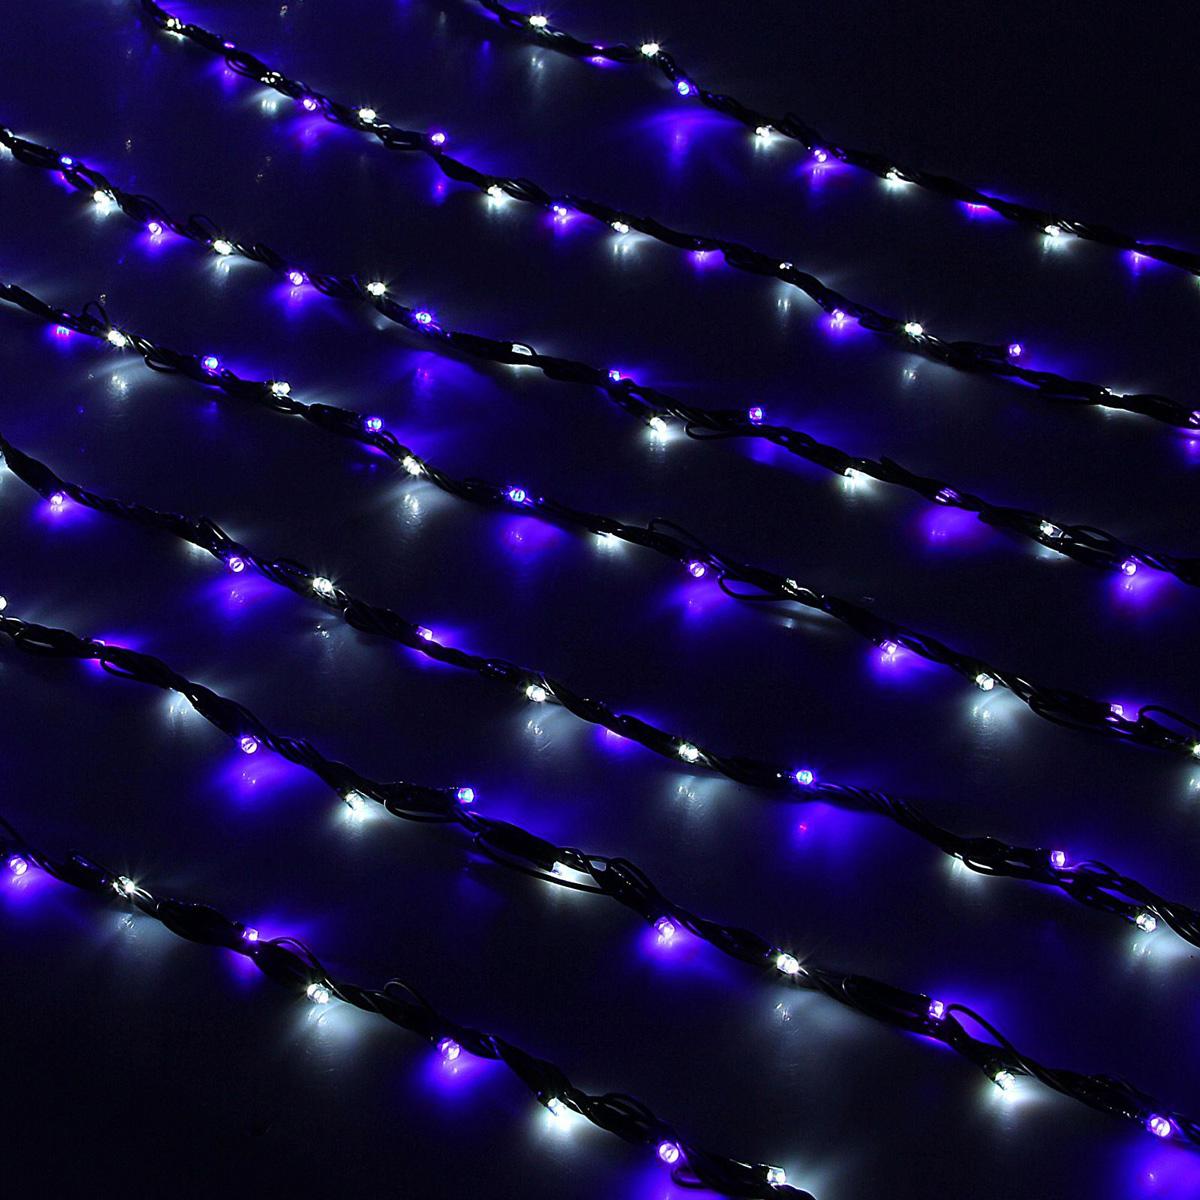 Гирлянда светодиодная Luazon Дождь, уличная, 800 ламп, 220 V, цвет: белый, синий, 2 х 3 м. 10801961080196Светодиодные гирлянды, ленты и т.д — это отличный вариант для новогоднего оформления интерьера или фасада. С их помощью помещение любого размера можно превратить в праздничный зал, а внешние элементы зданий, украшенные ими, мгновенно станут напоминать очертания сказочного дворца. Такие украшения создают ауру предвкушения чуда. Деревья, фасады, витрины, окна и арки будто специально созданы, чтобы вы украсили их светящимися нитями.